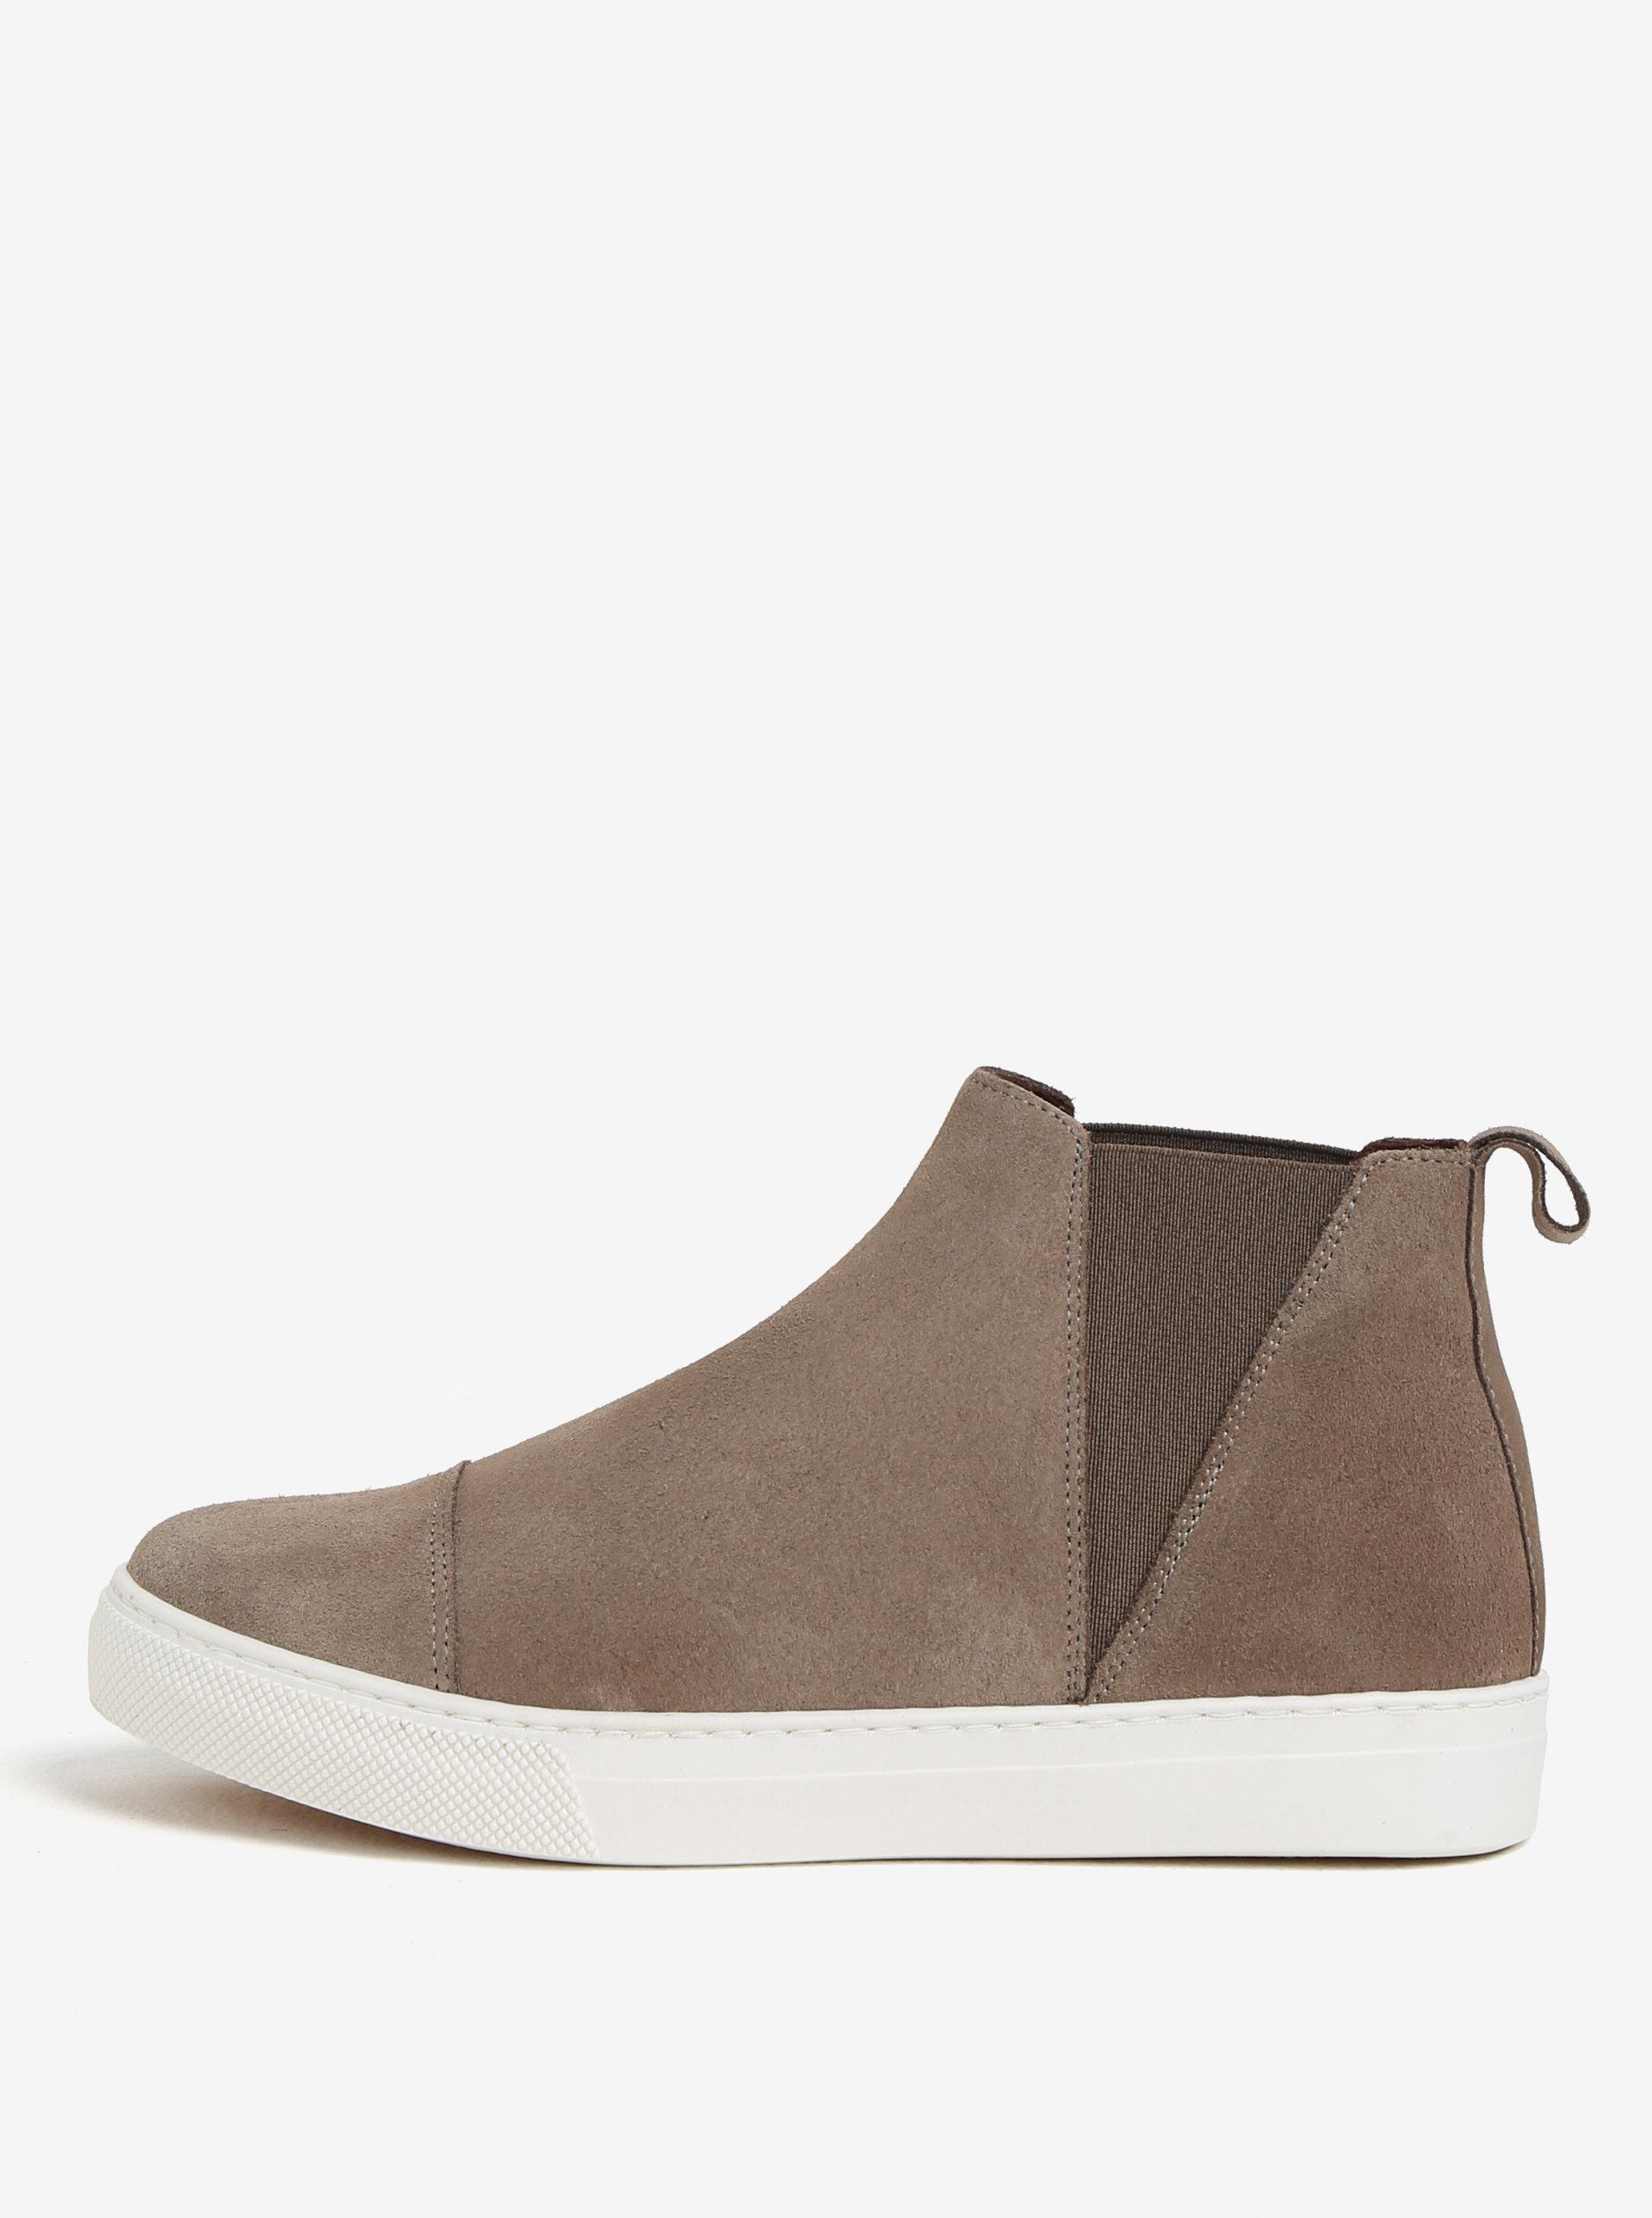 Hnědé semišové chelsea boty na platformě OJJU ... 7d30086fc9